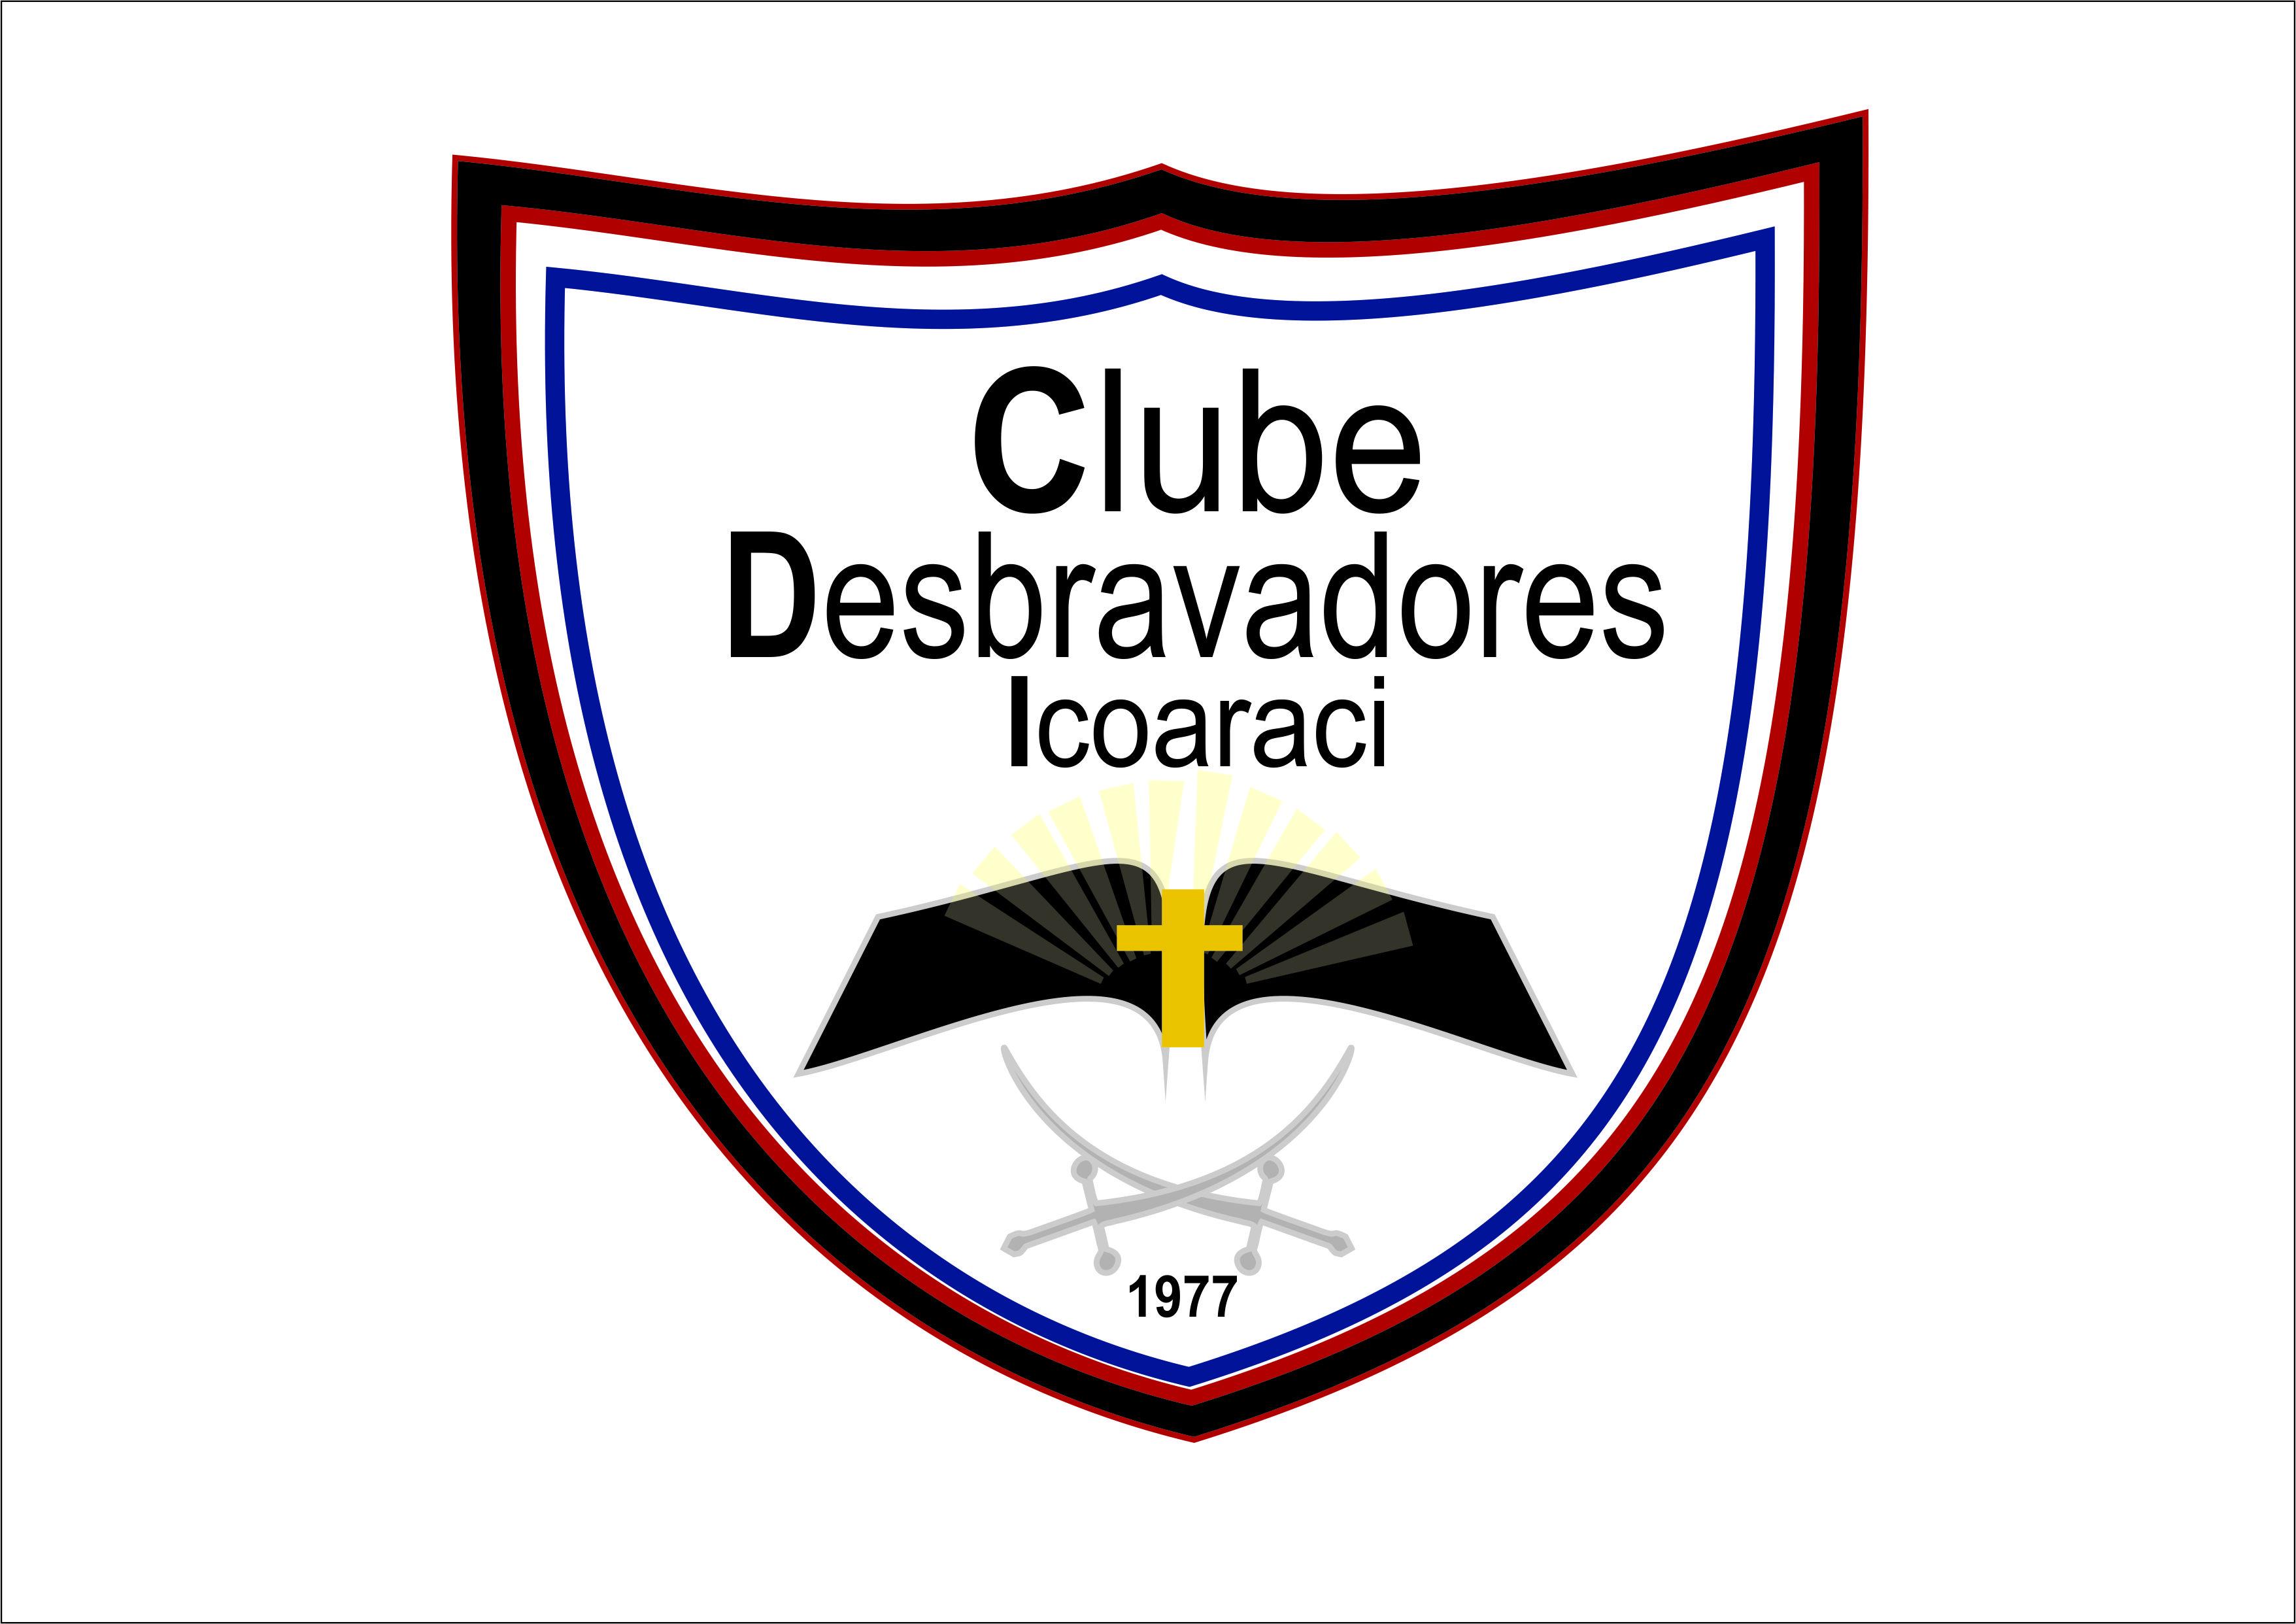 ICOARACI - CDI